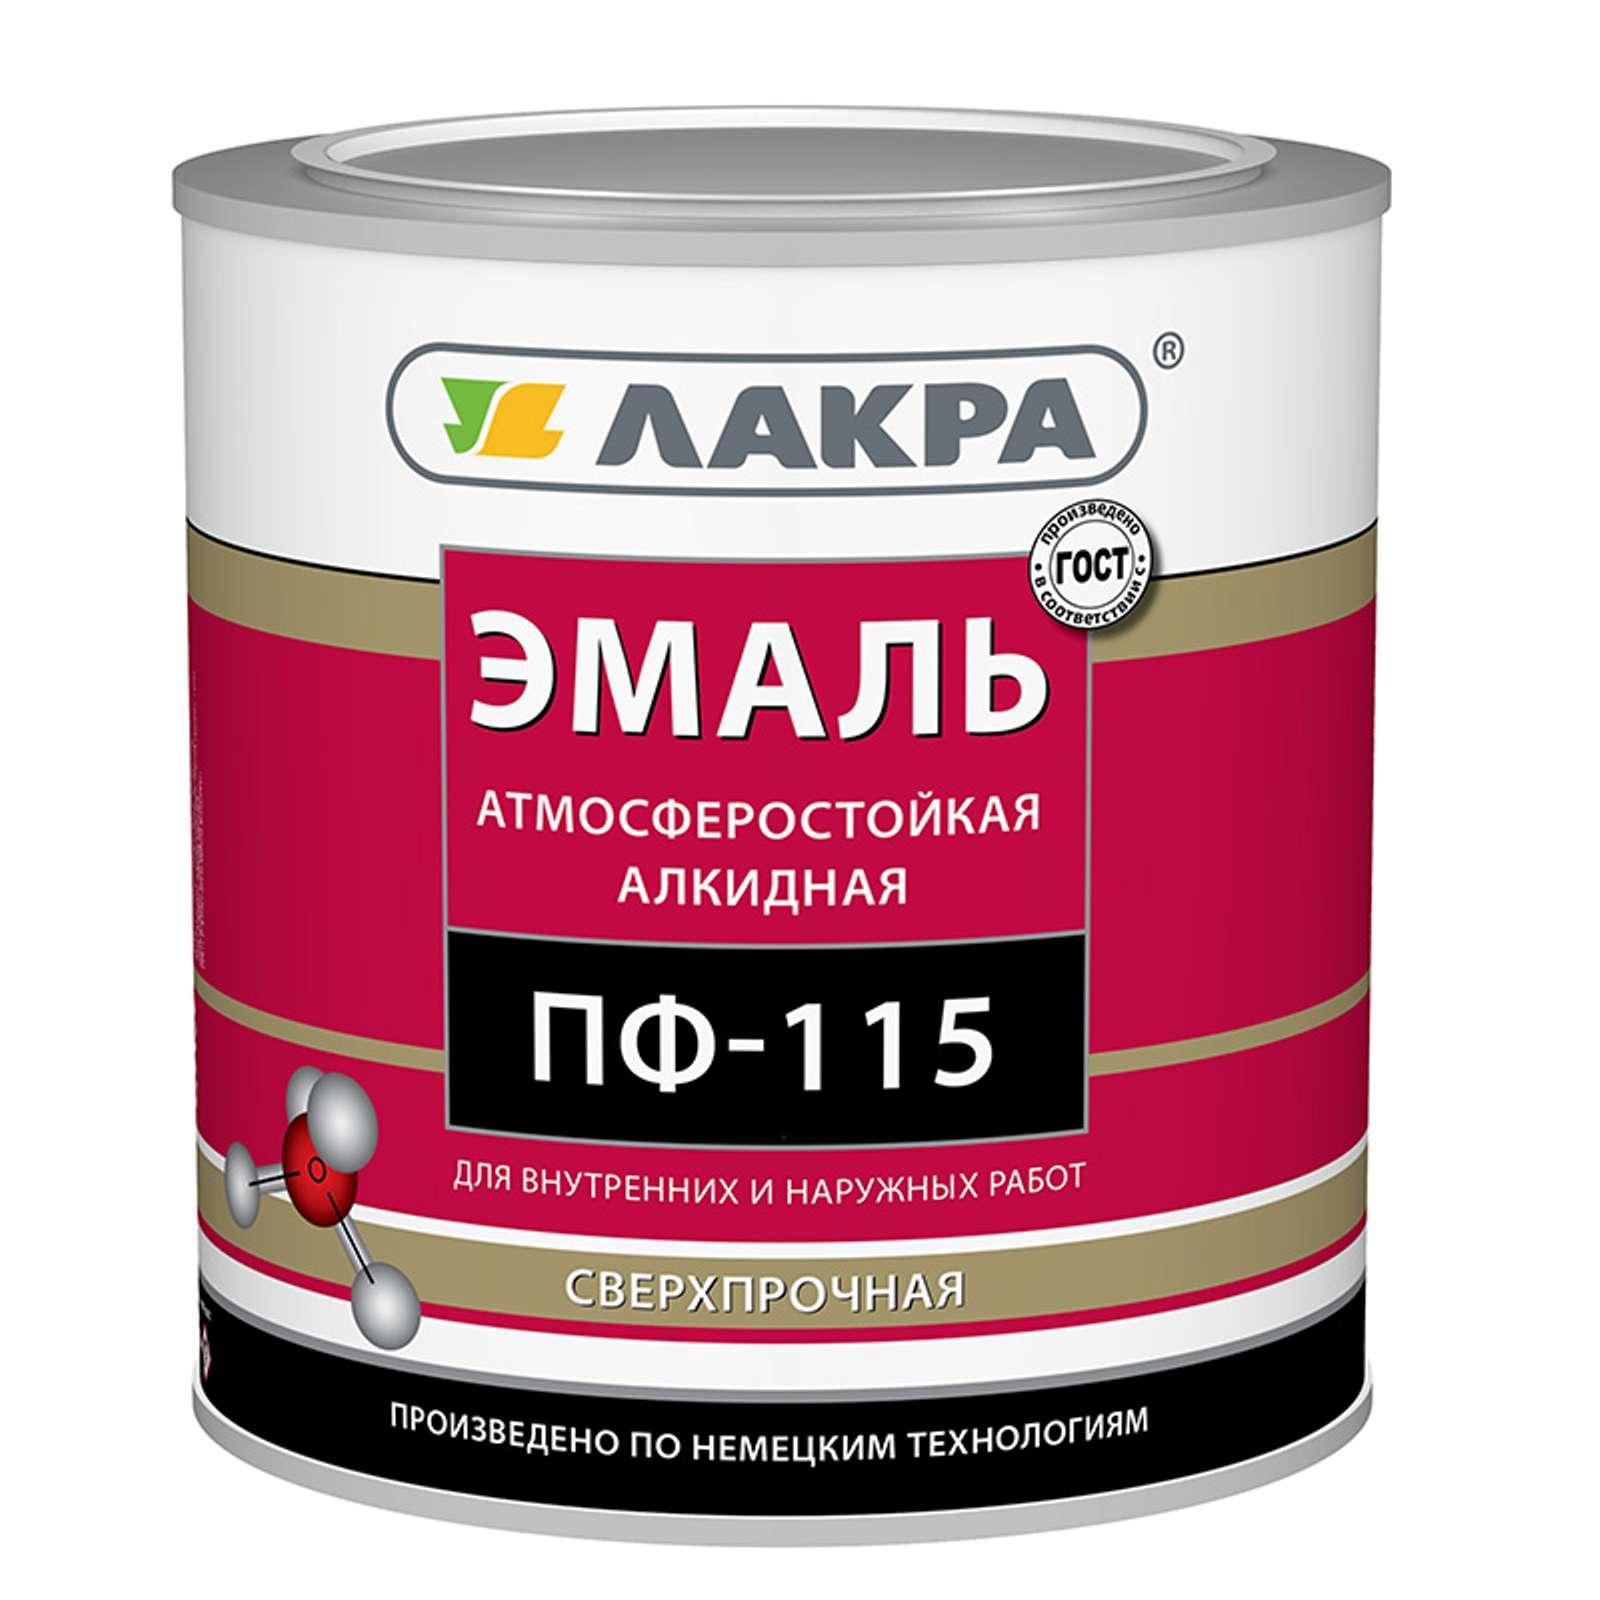 Что такое алкидная эмаль: свойства, разновидности, применение  | ivd.ru